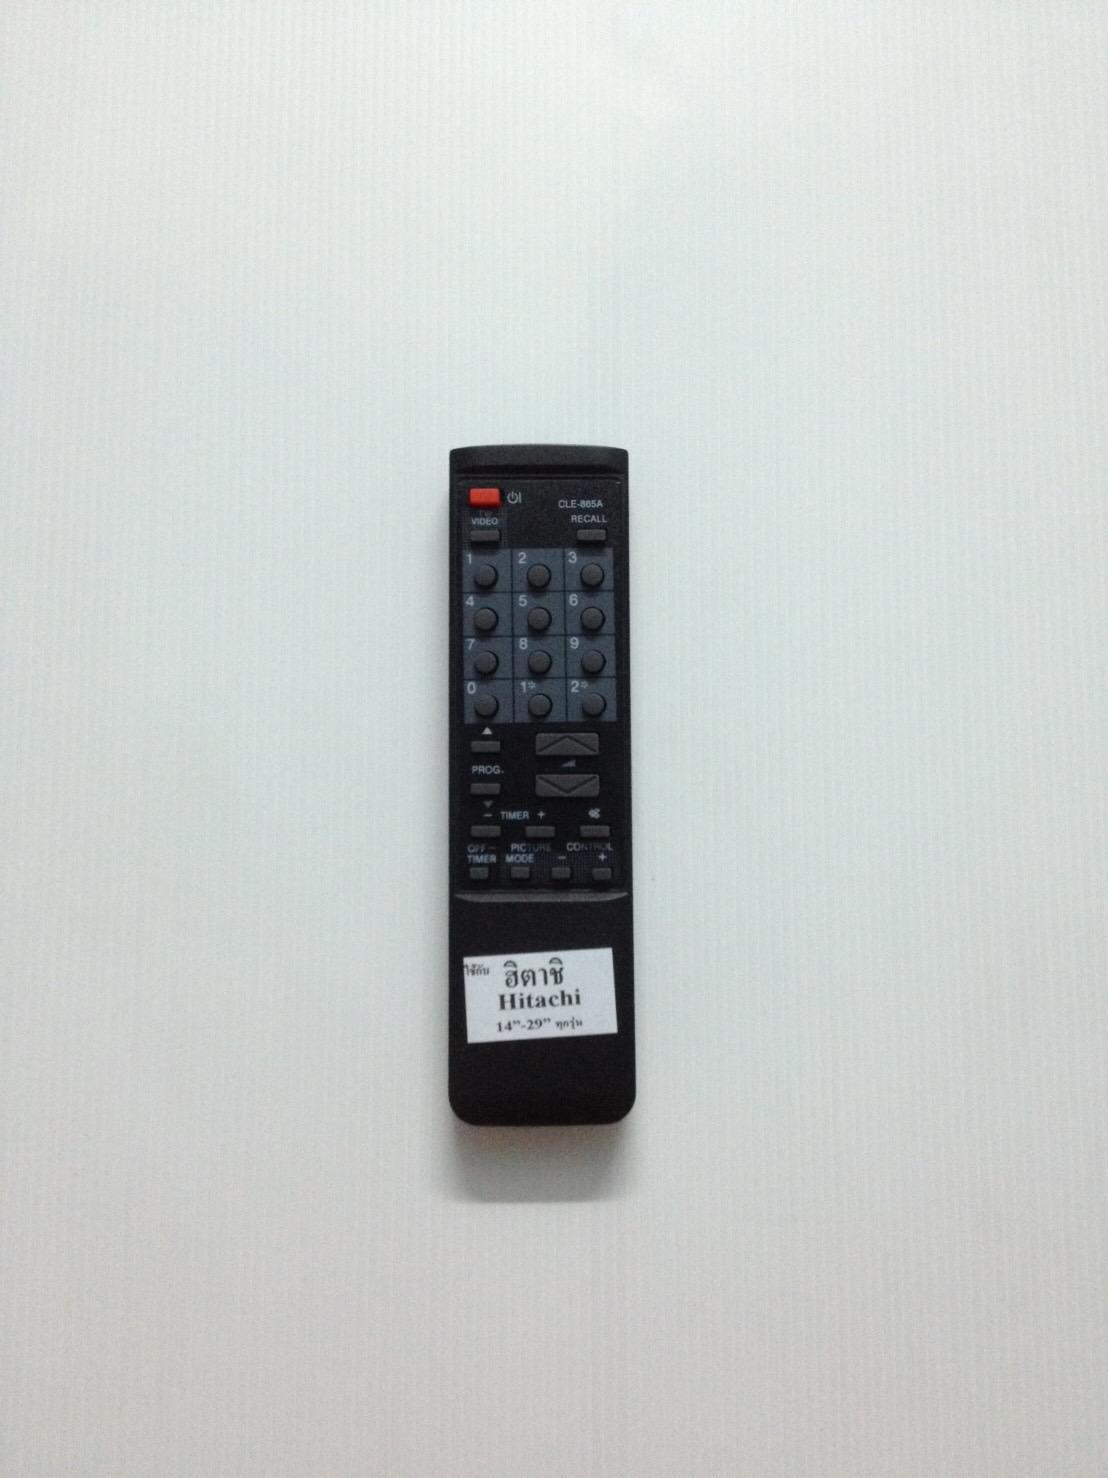 รีโมททีวีฮิตาชิ จอธรรมดา Hitachi CLE-865A